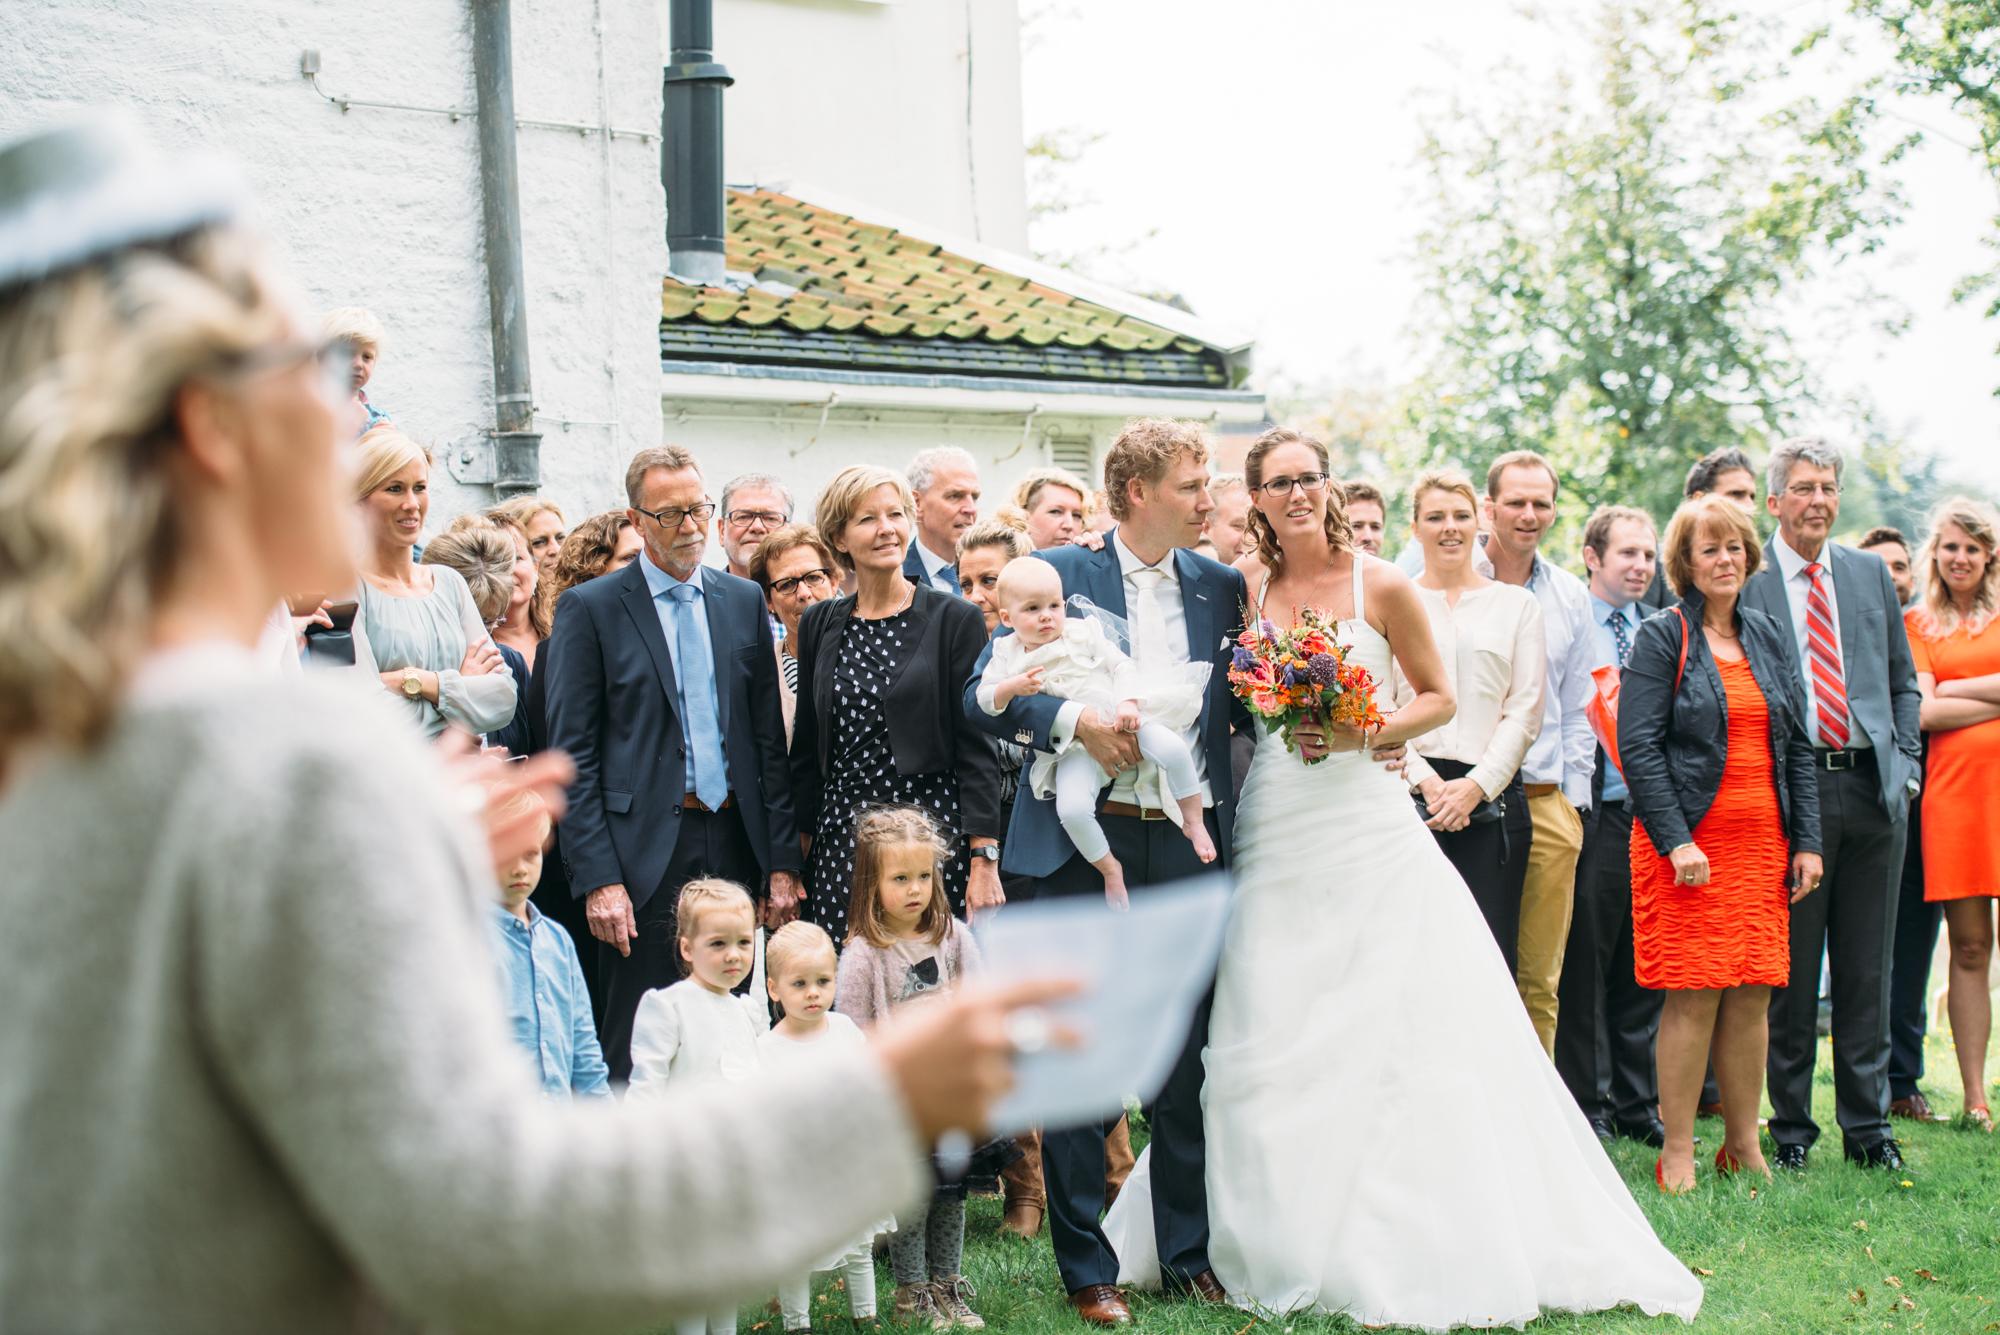 bruidsfotografie-Heiloo-Castricum-aan-zee-Liesbeth-en-Pieter-1017